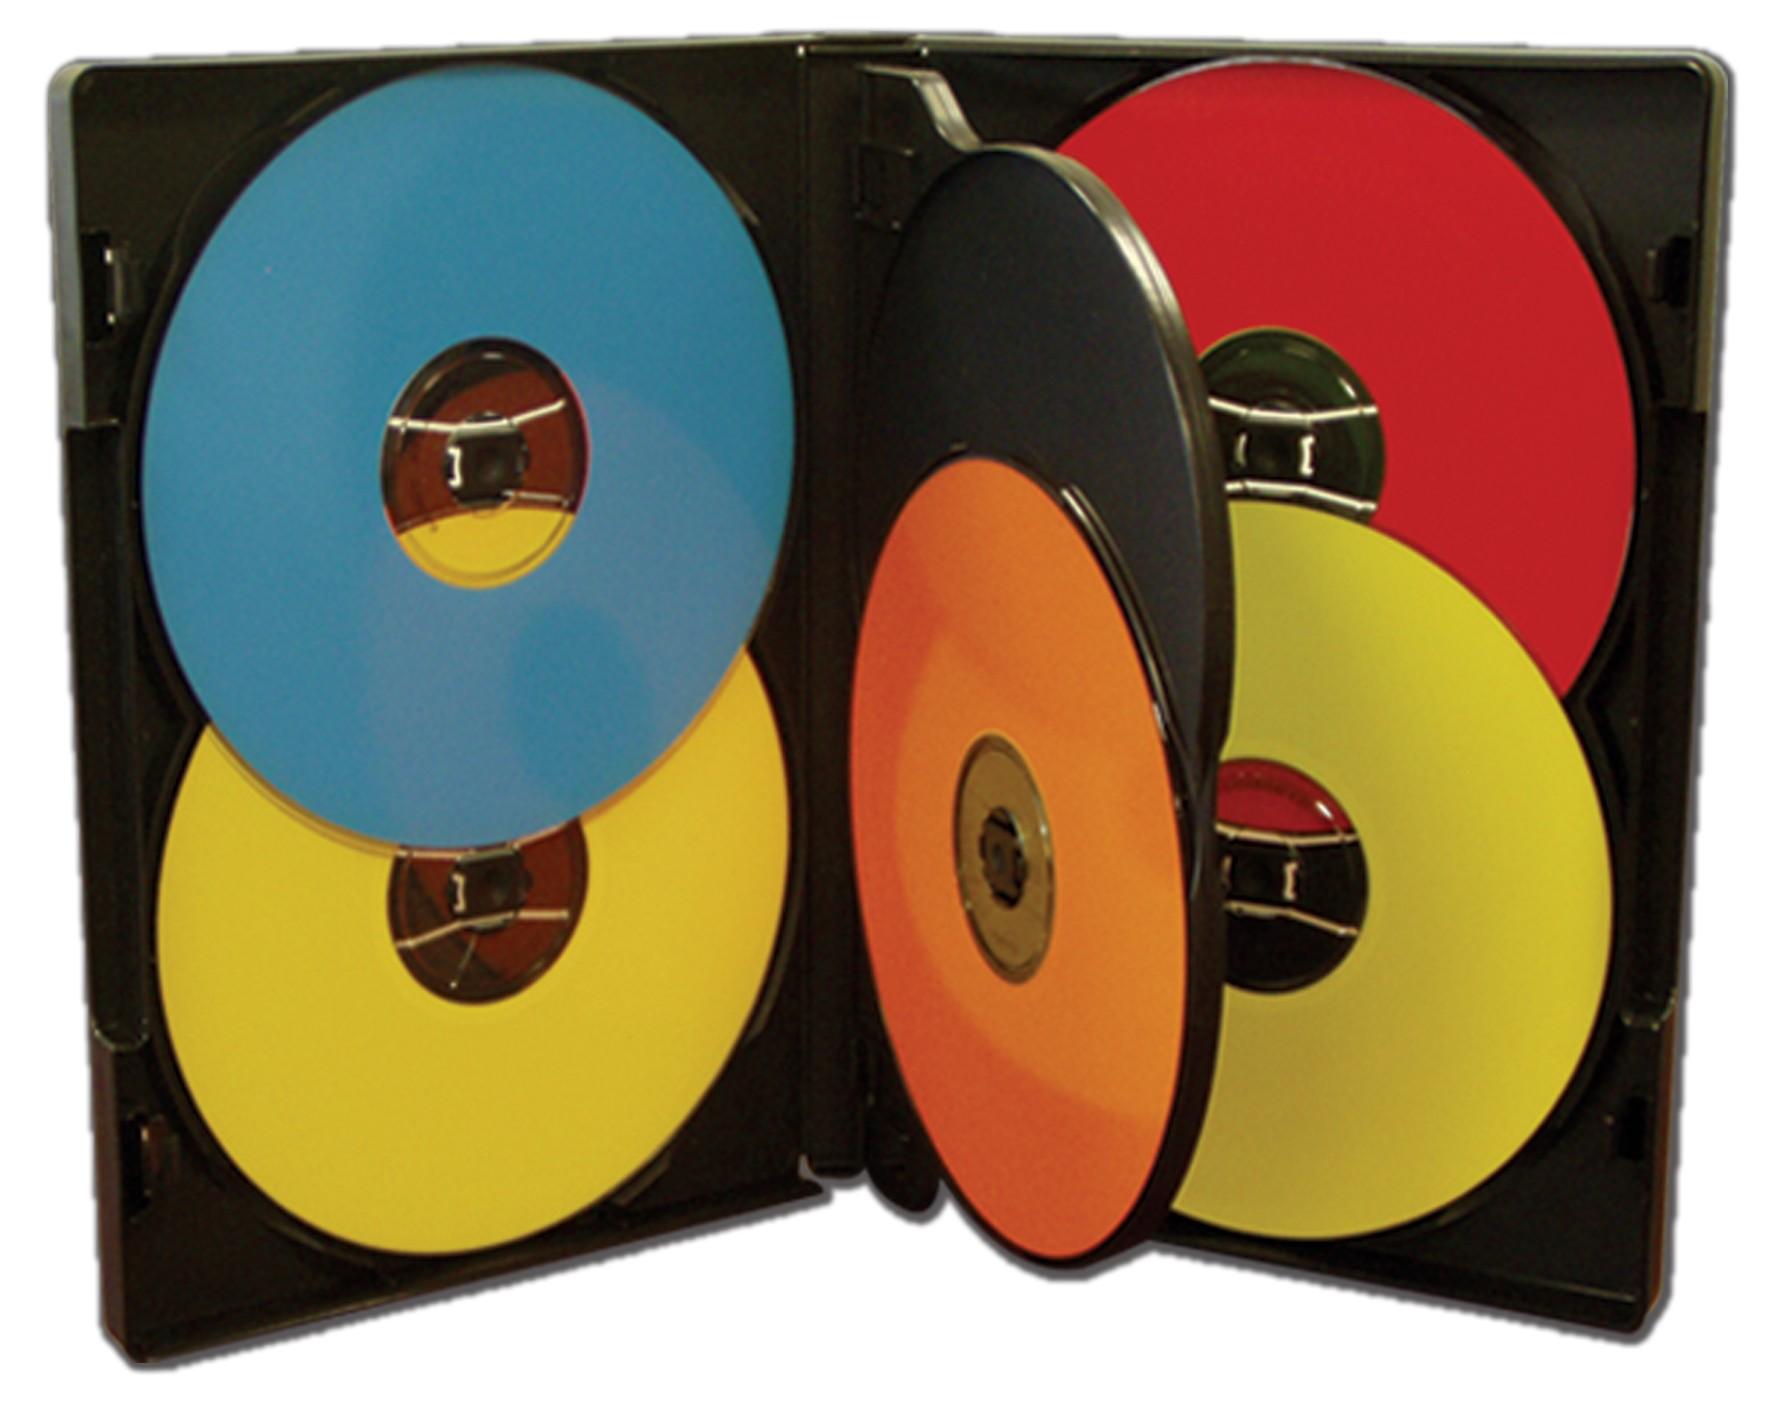 MultiPack 5 CD/DVD Albums Black - 25 pack